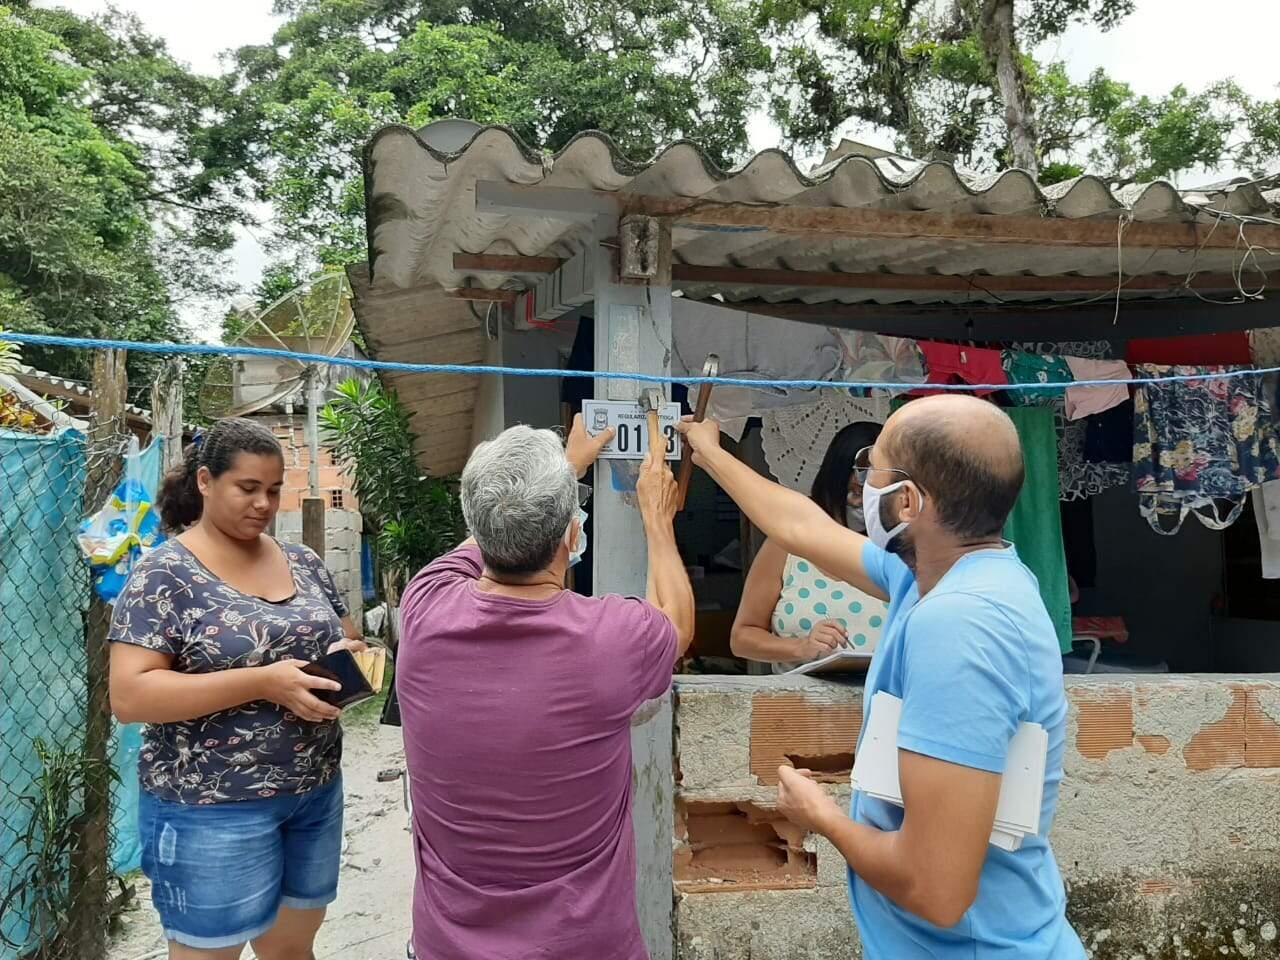 Congelamento foi feito no Núcleo Macuco, no bairro Guaratuba, área de preservação ambiental